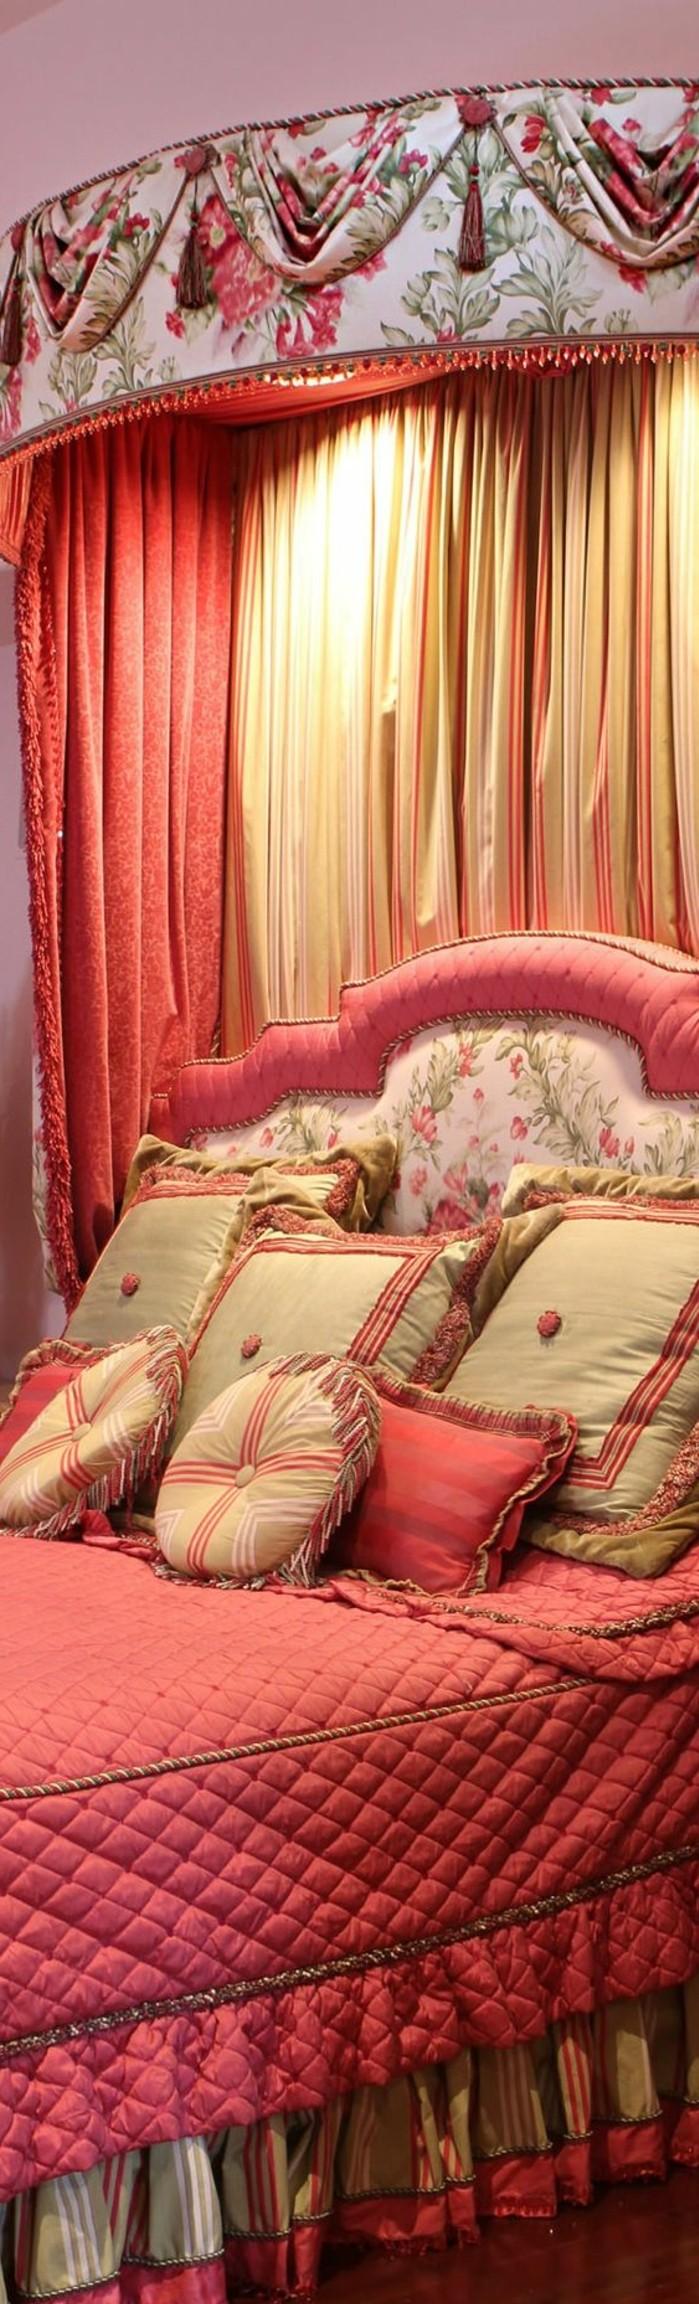 framboise-couleur-chambre-à-coucher-rose-féminin